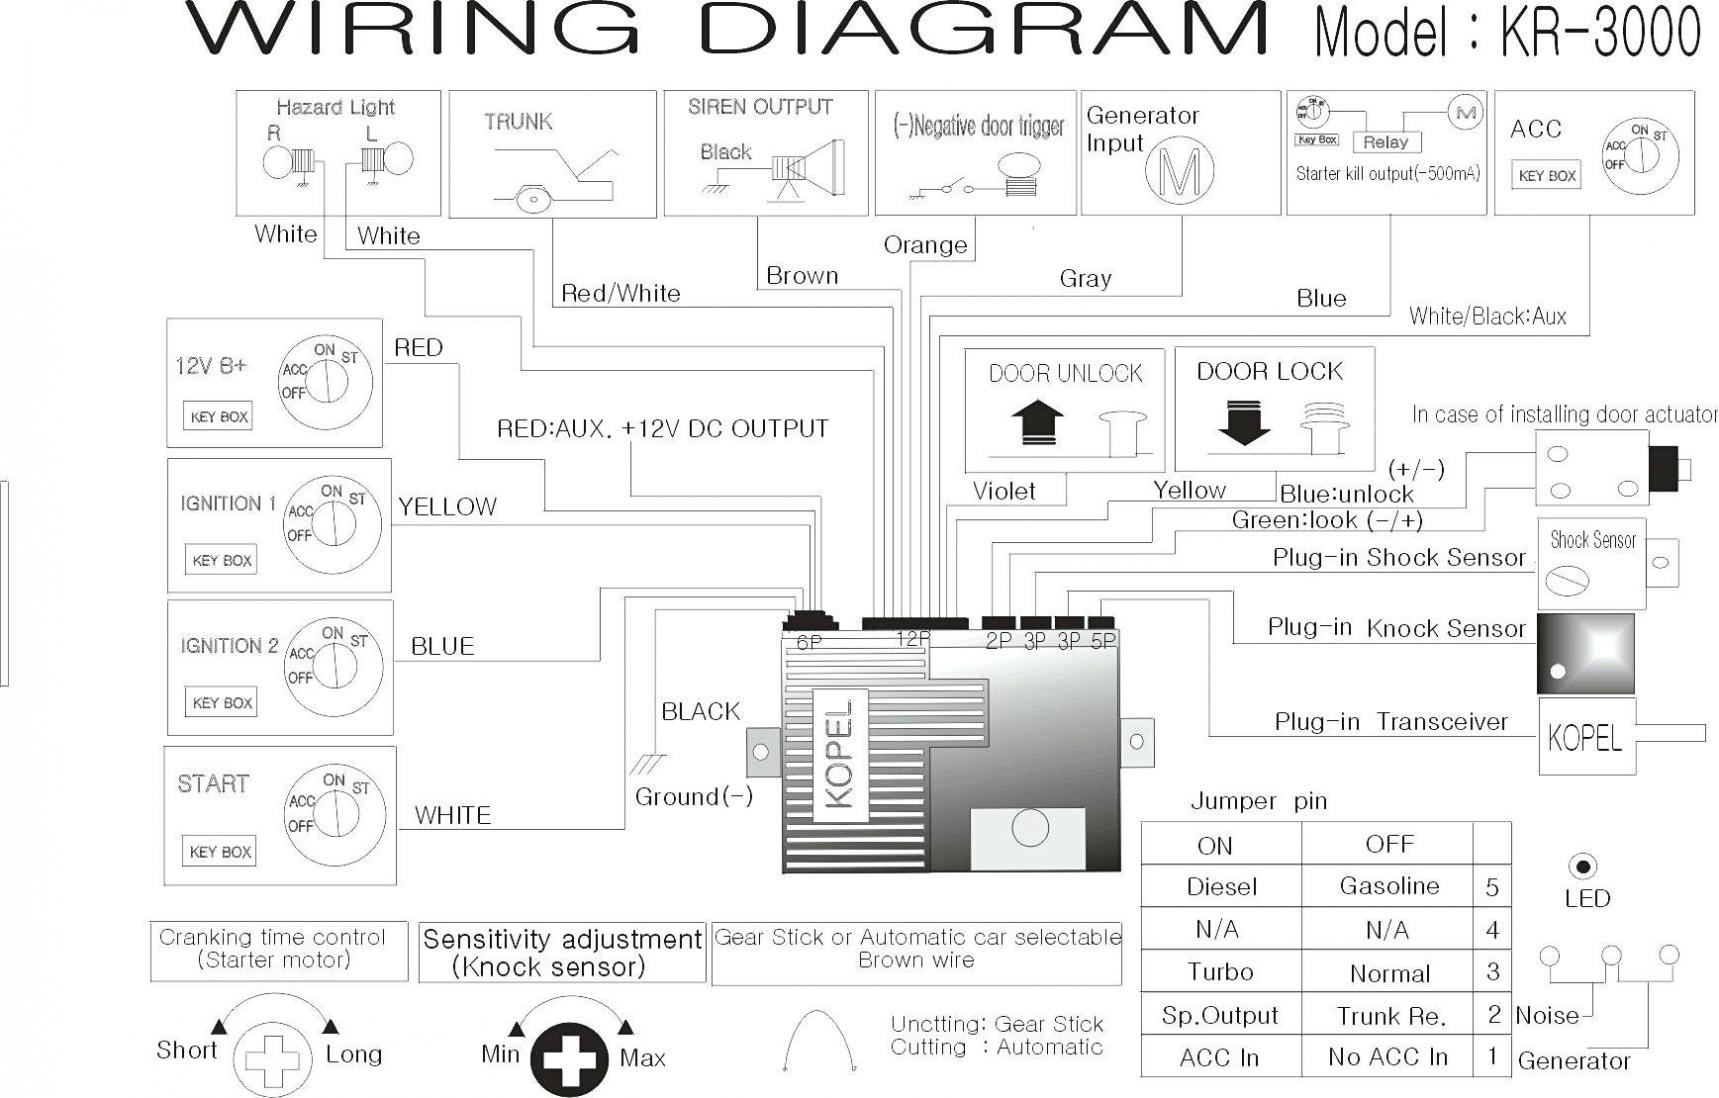 Pioneer Avh 200Bt Wiring Diagram | Best Wiring Library - Pioneer Avh-200Bt Wiring Diagram